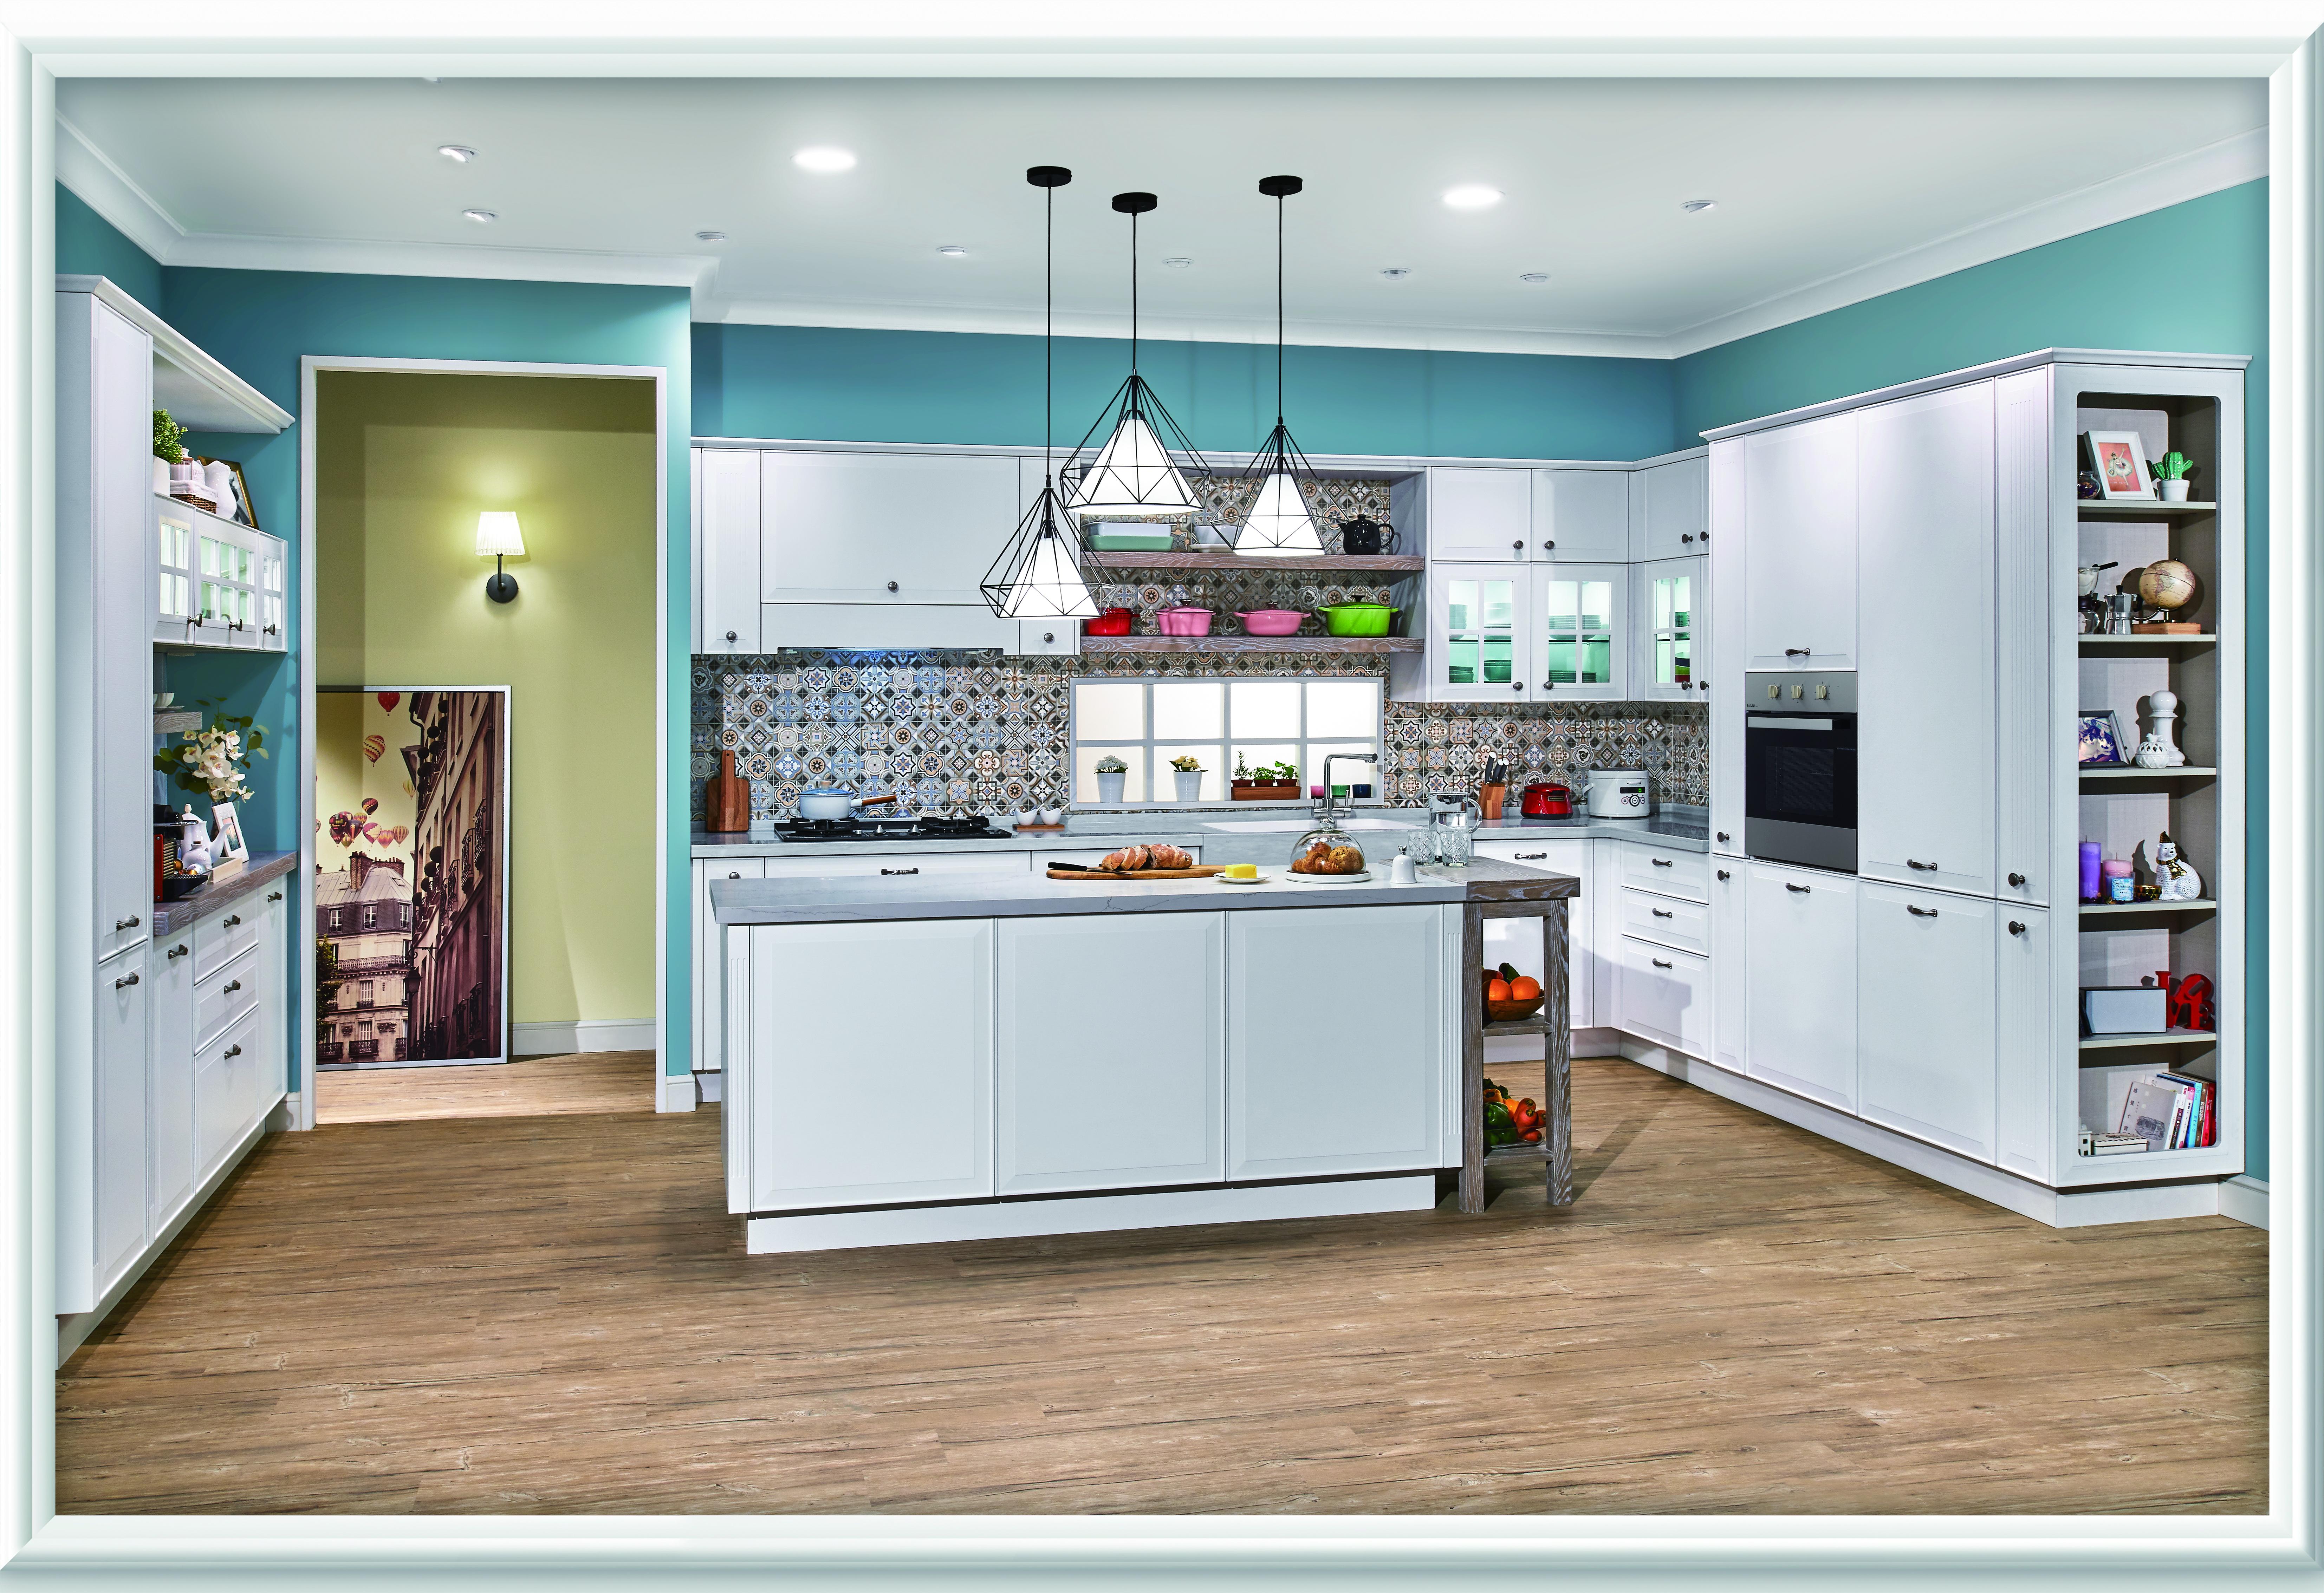 櫻花廚藝生活館博館店,專業銷售櫻花牌整體廚房和進口伊萊克斯、SVAGO等知名品牌廚房器具